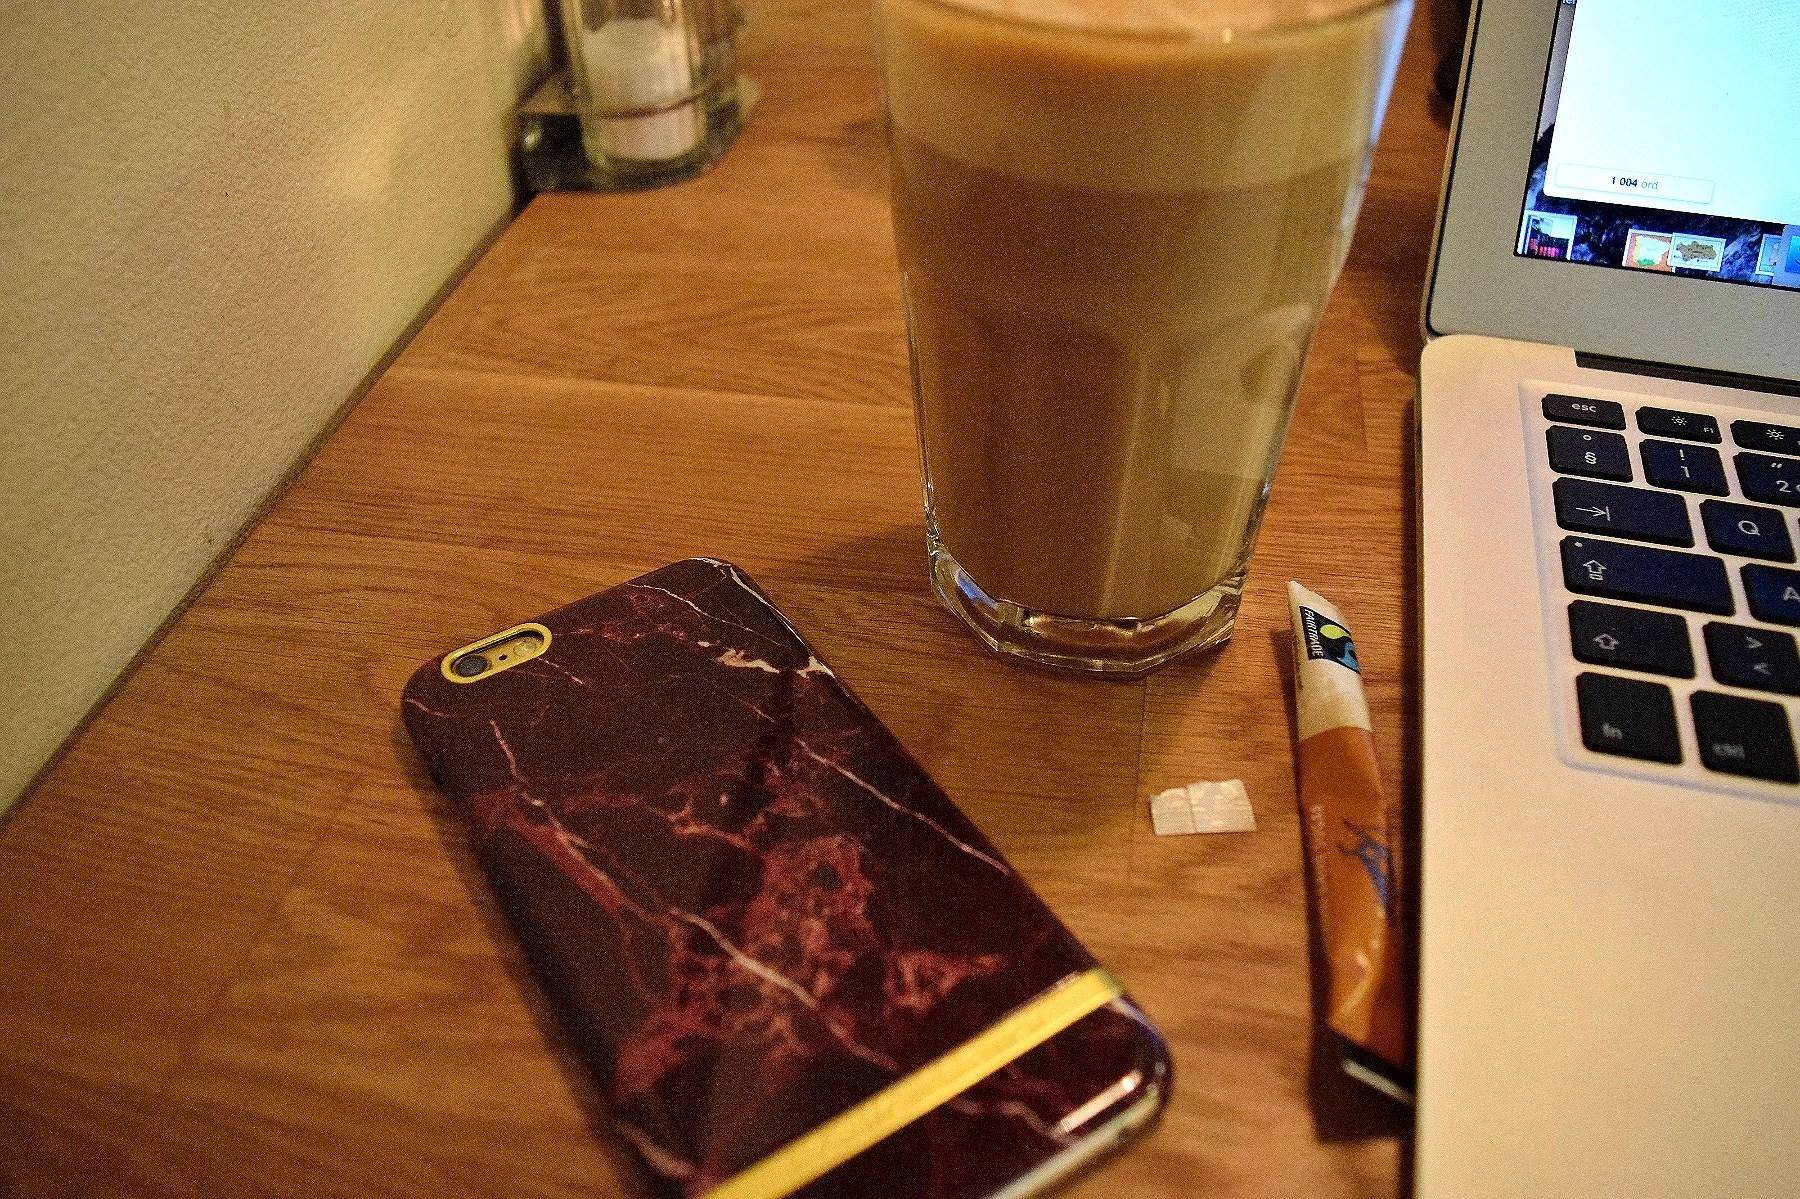 CAFÉ ZAPPA